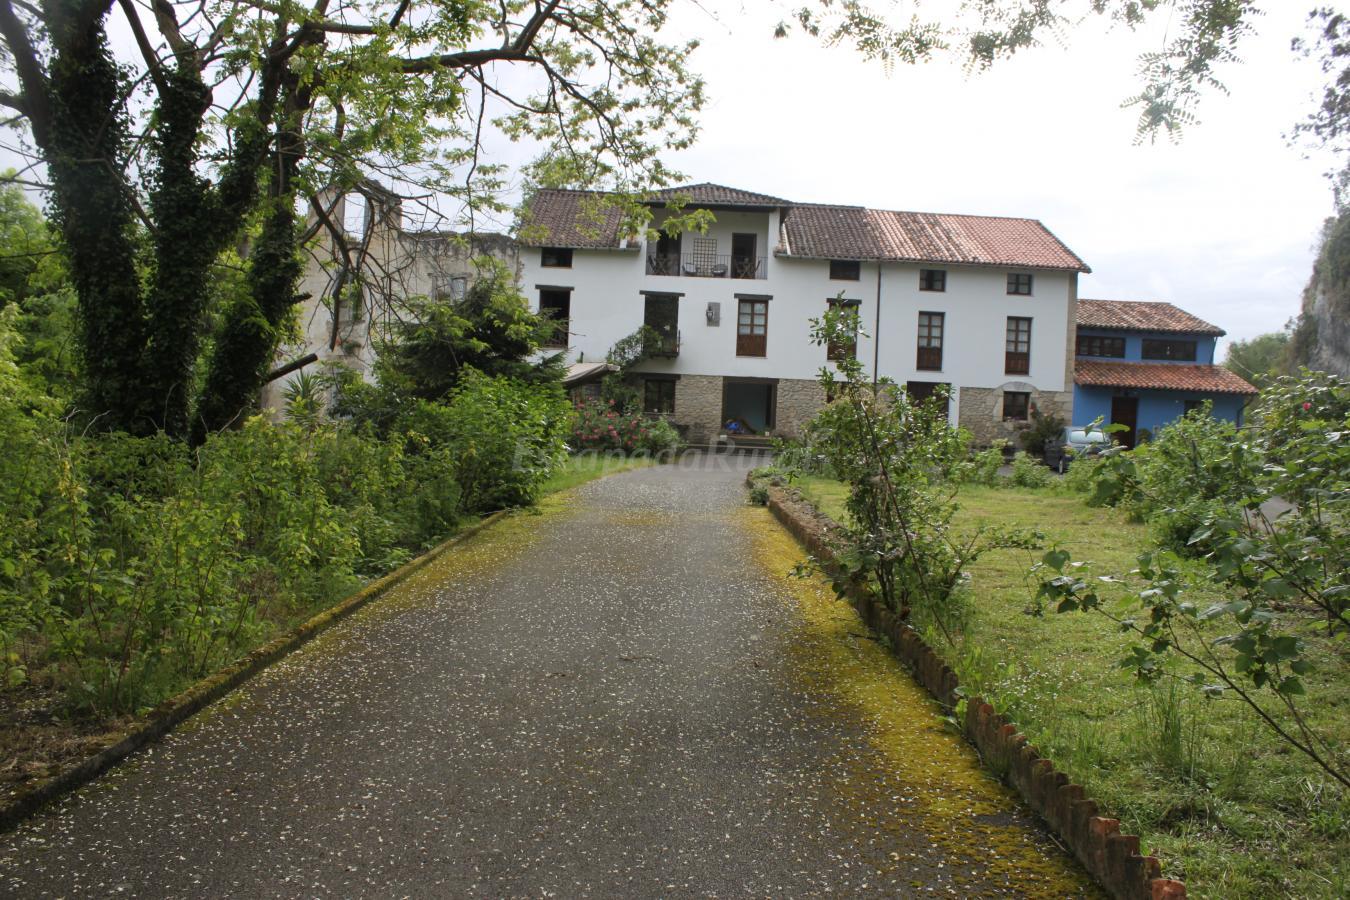 Fotos de agroturismo muriances casa rural en ribadedeva - Fotorural asturias ...